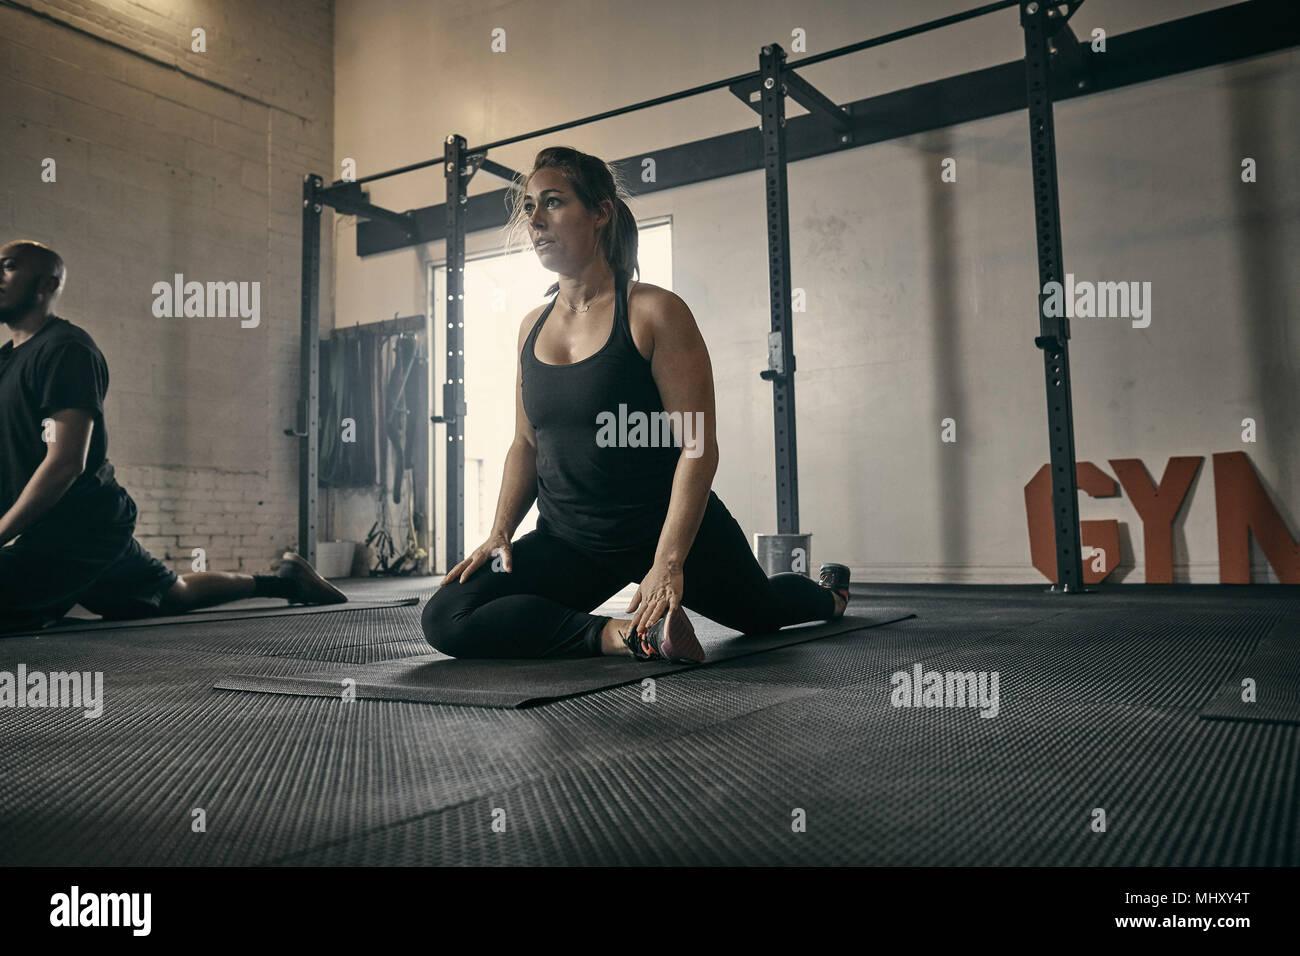 La donna in posizione di yoga in palestra Immagini Stock